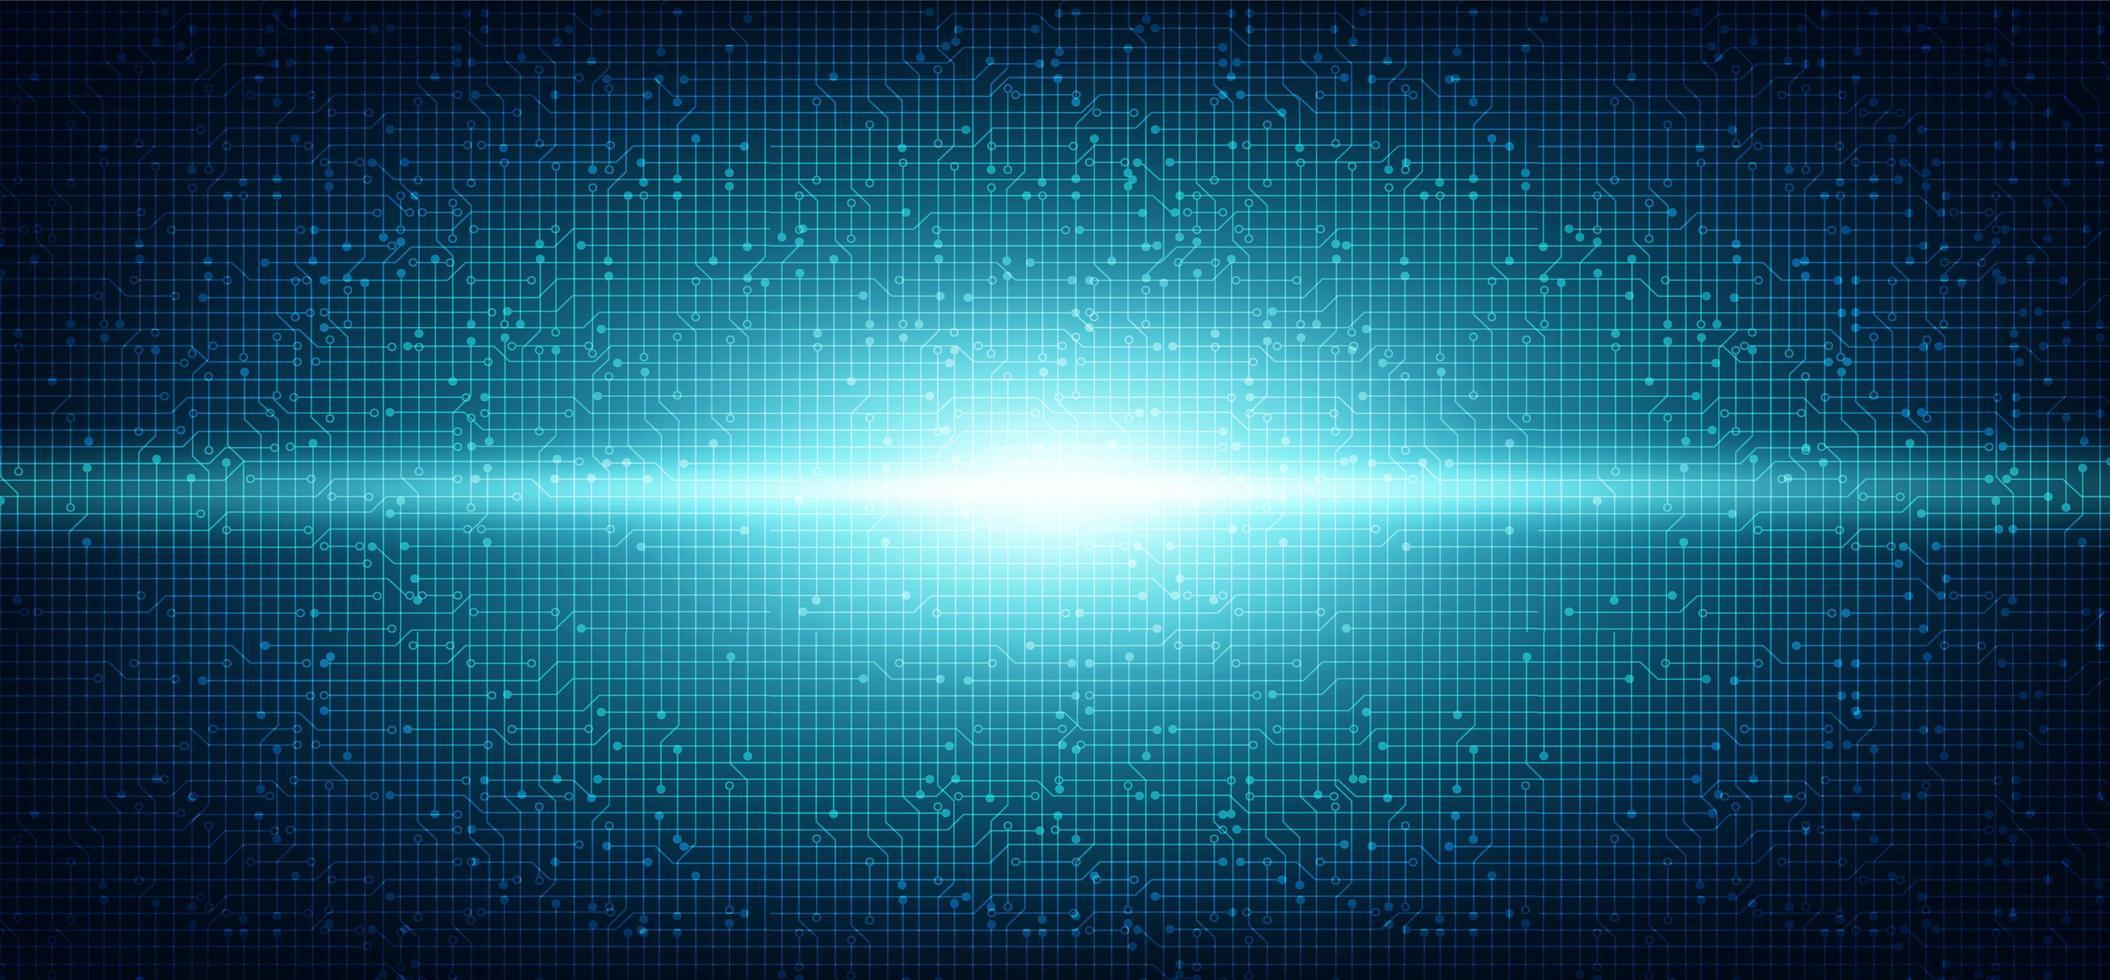 Digital Light Circuit Microchip auf Technologie-Hintergrund. vektor